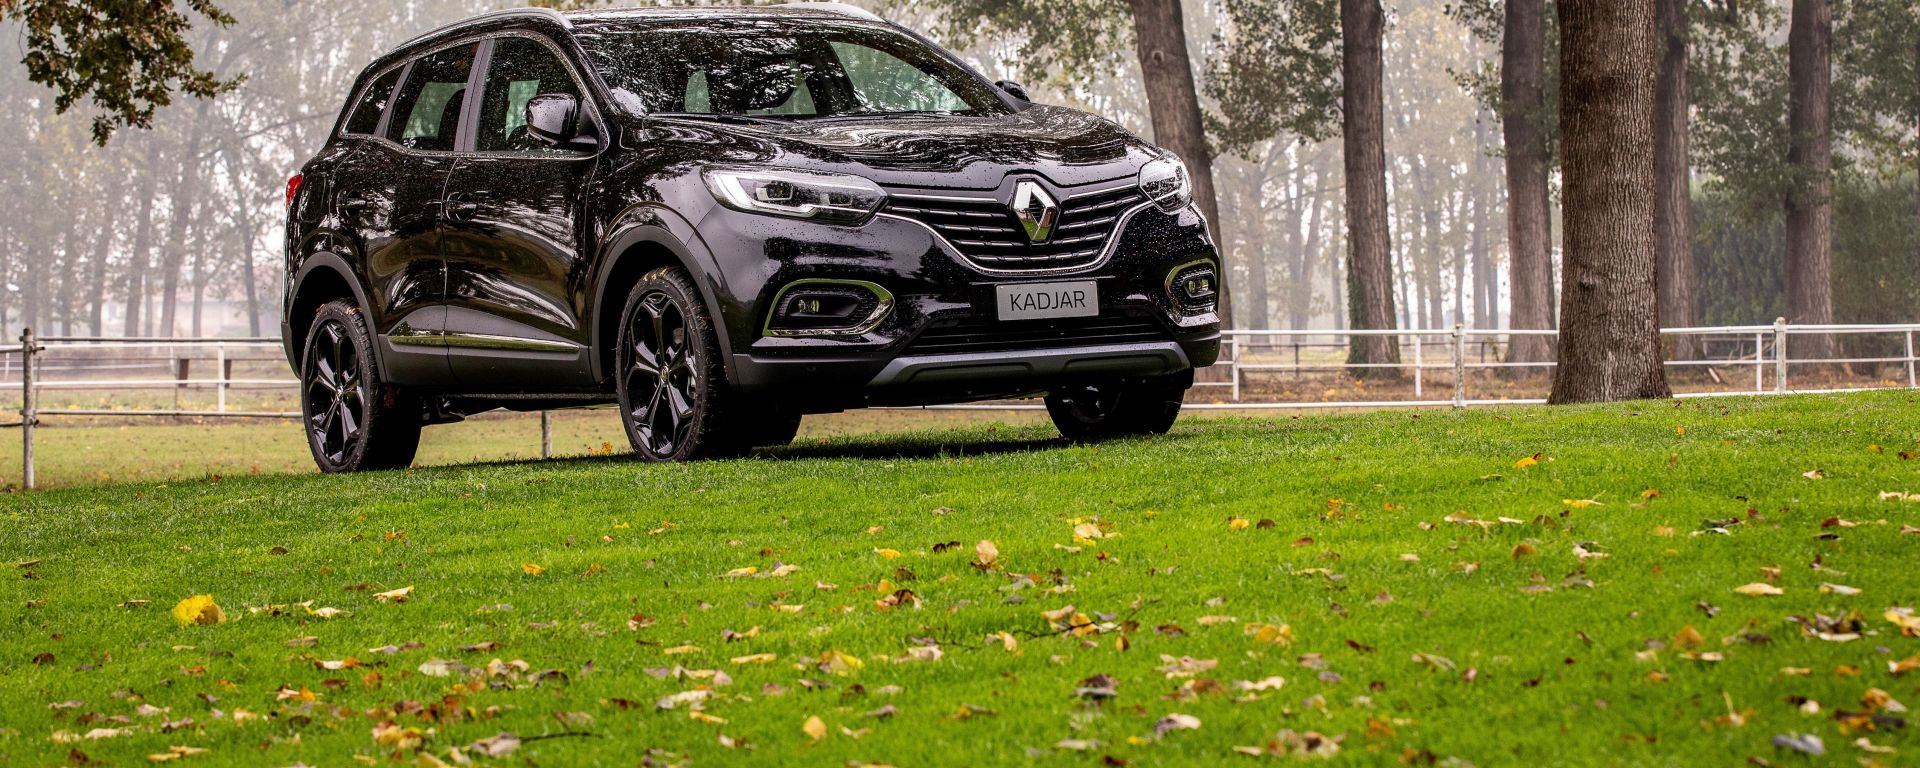 Renault Kadjar Black Edition 4X4: vista 3/4 anteriore